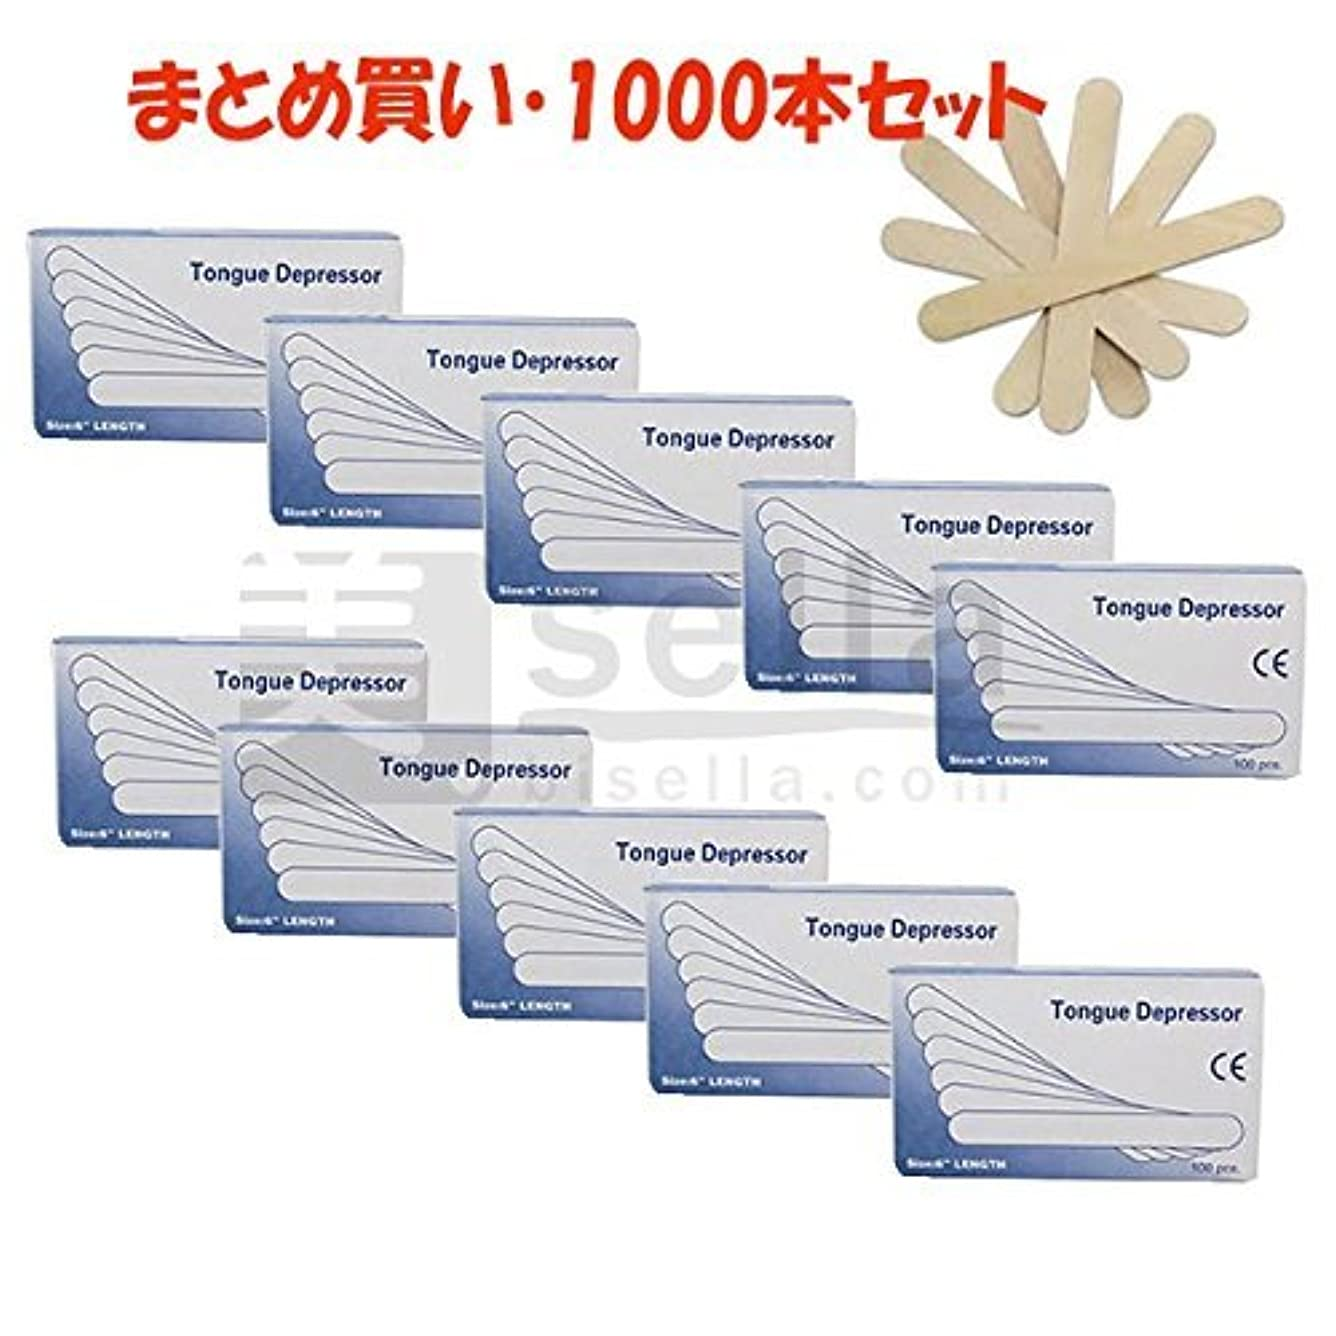 感心するカード代わって使い捨てウッドスパチュラ(木製)【業務用1000本入り】脱毛エステ用 まとめ買いセット